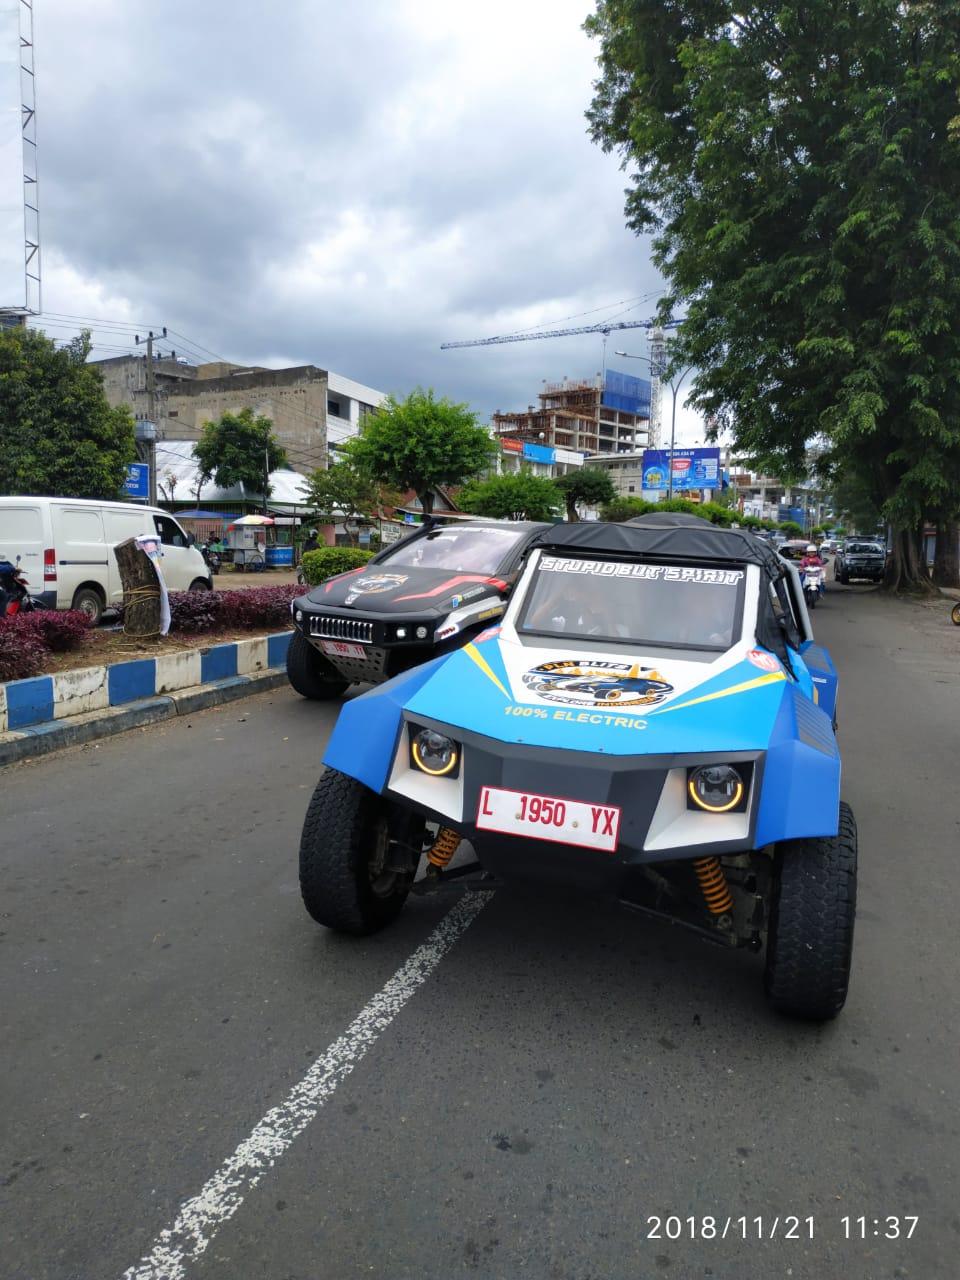 Tiba di Padang, Blits Tempuh 2.810 Km Tanpa Kendala